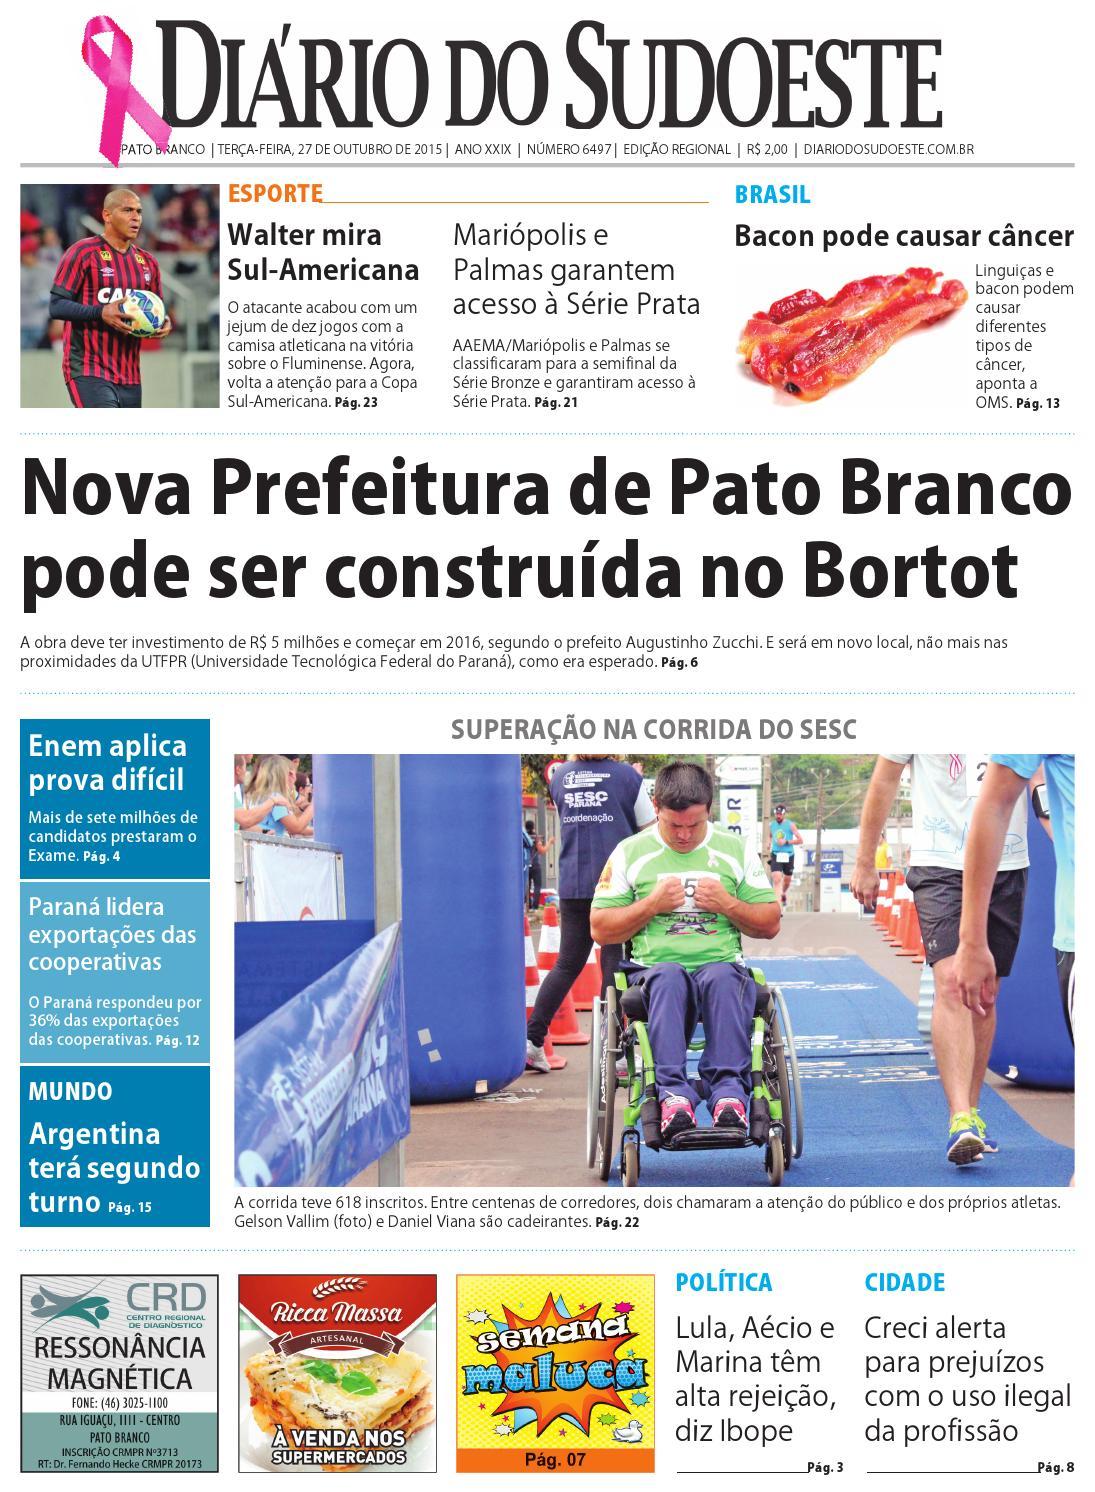 Diário do sudoeste 27 de outubro de 2015 ed 6497 by Diário do Sudoeste -  issuu c4dfcd2e645